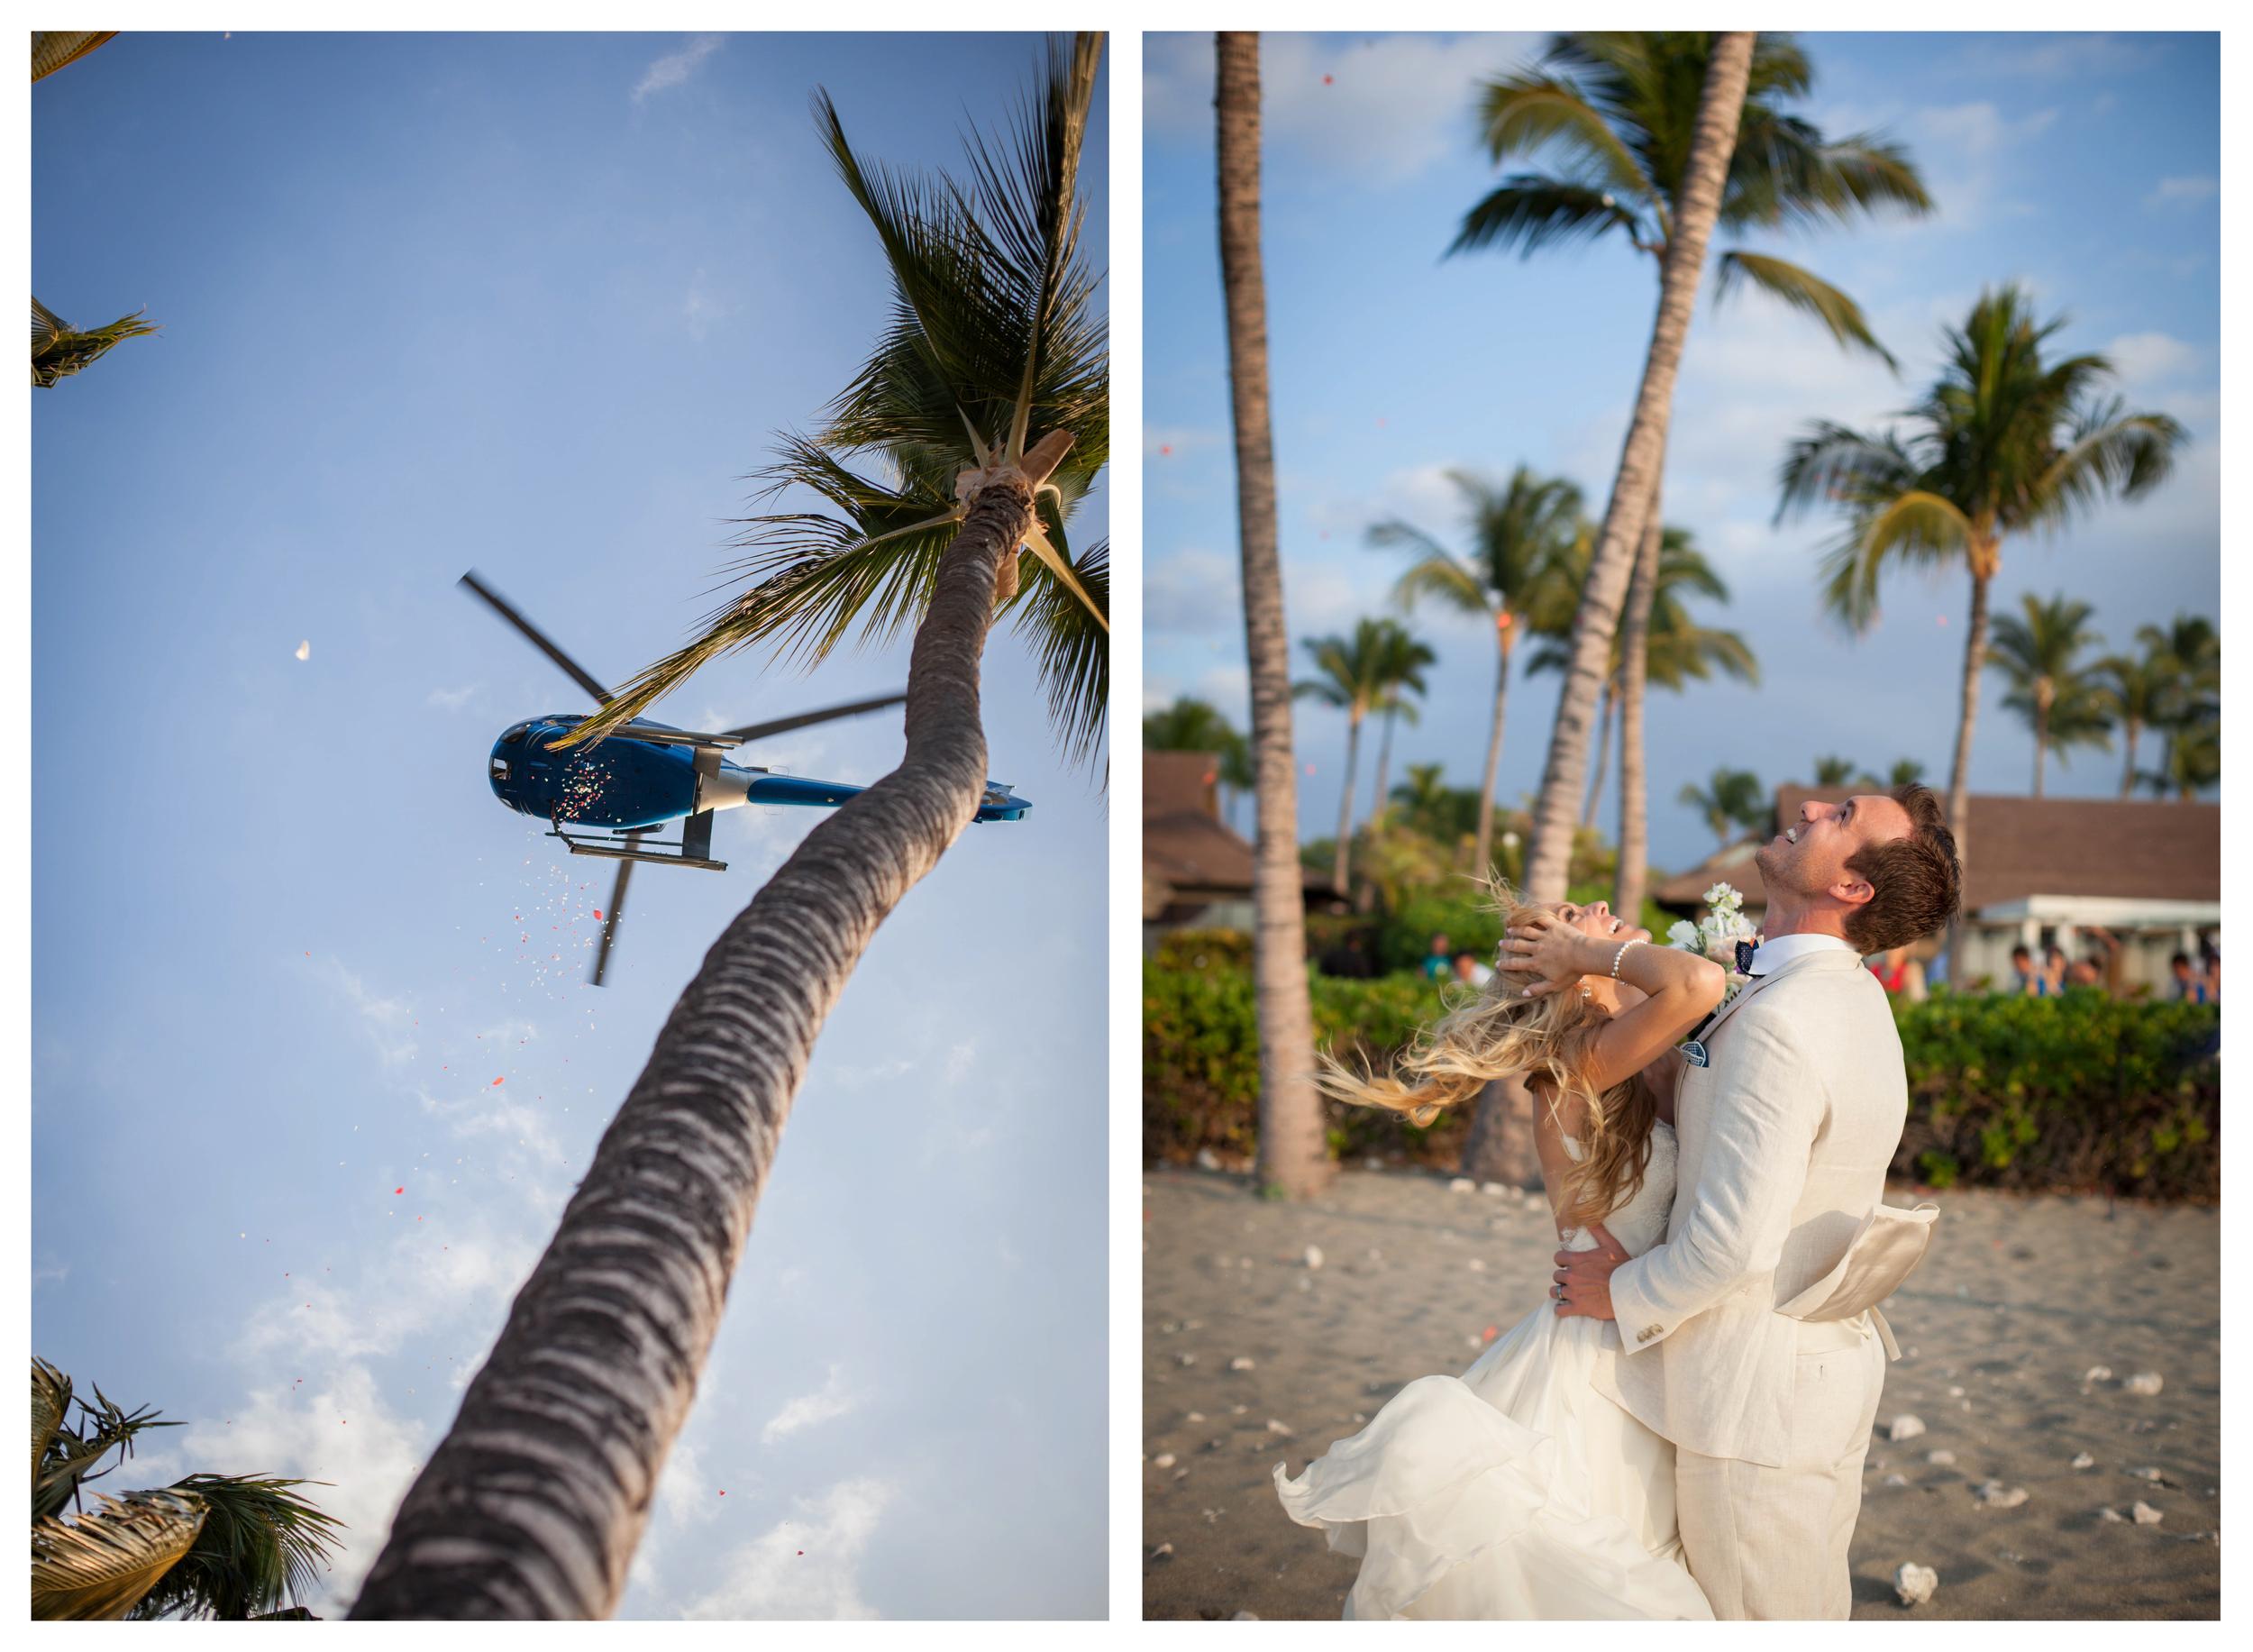 big island hawaii mauna lani resort wedding © kelilina photography 20160131131244-18.jpg